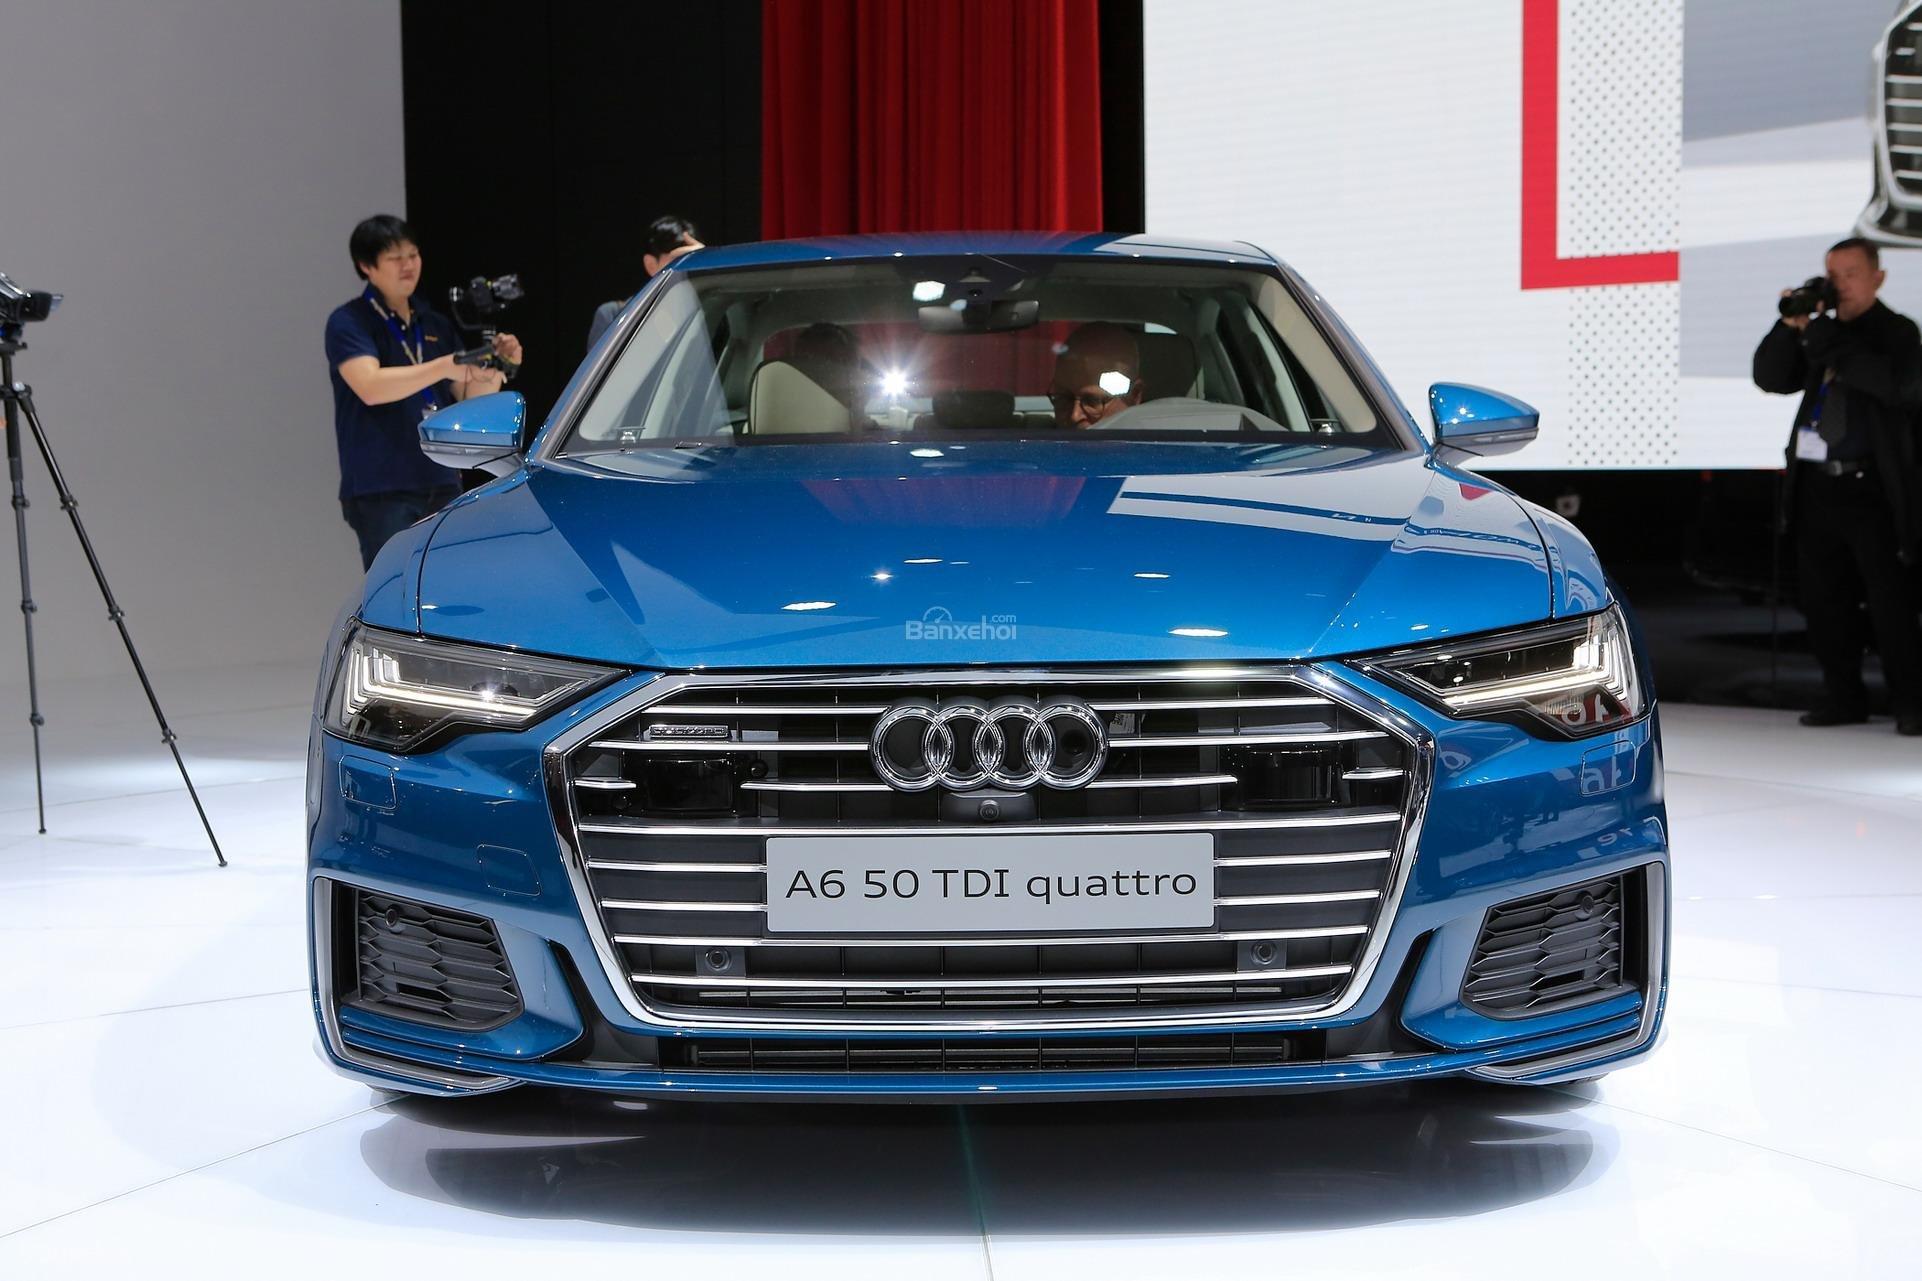 Đánh giá xe Audi A6 2019 về thiết kế đầu xe 1a